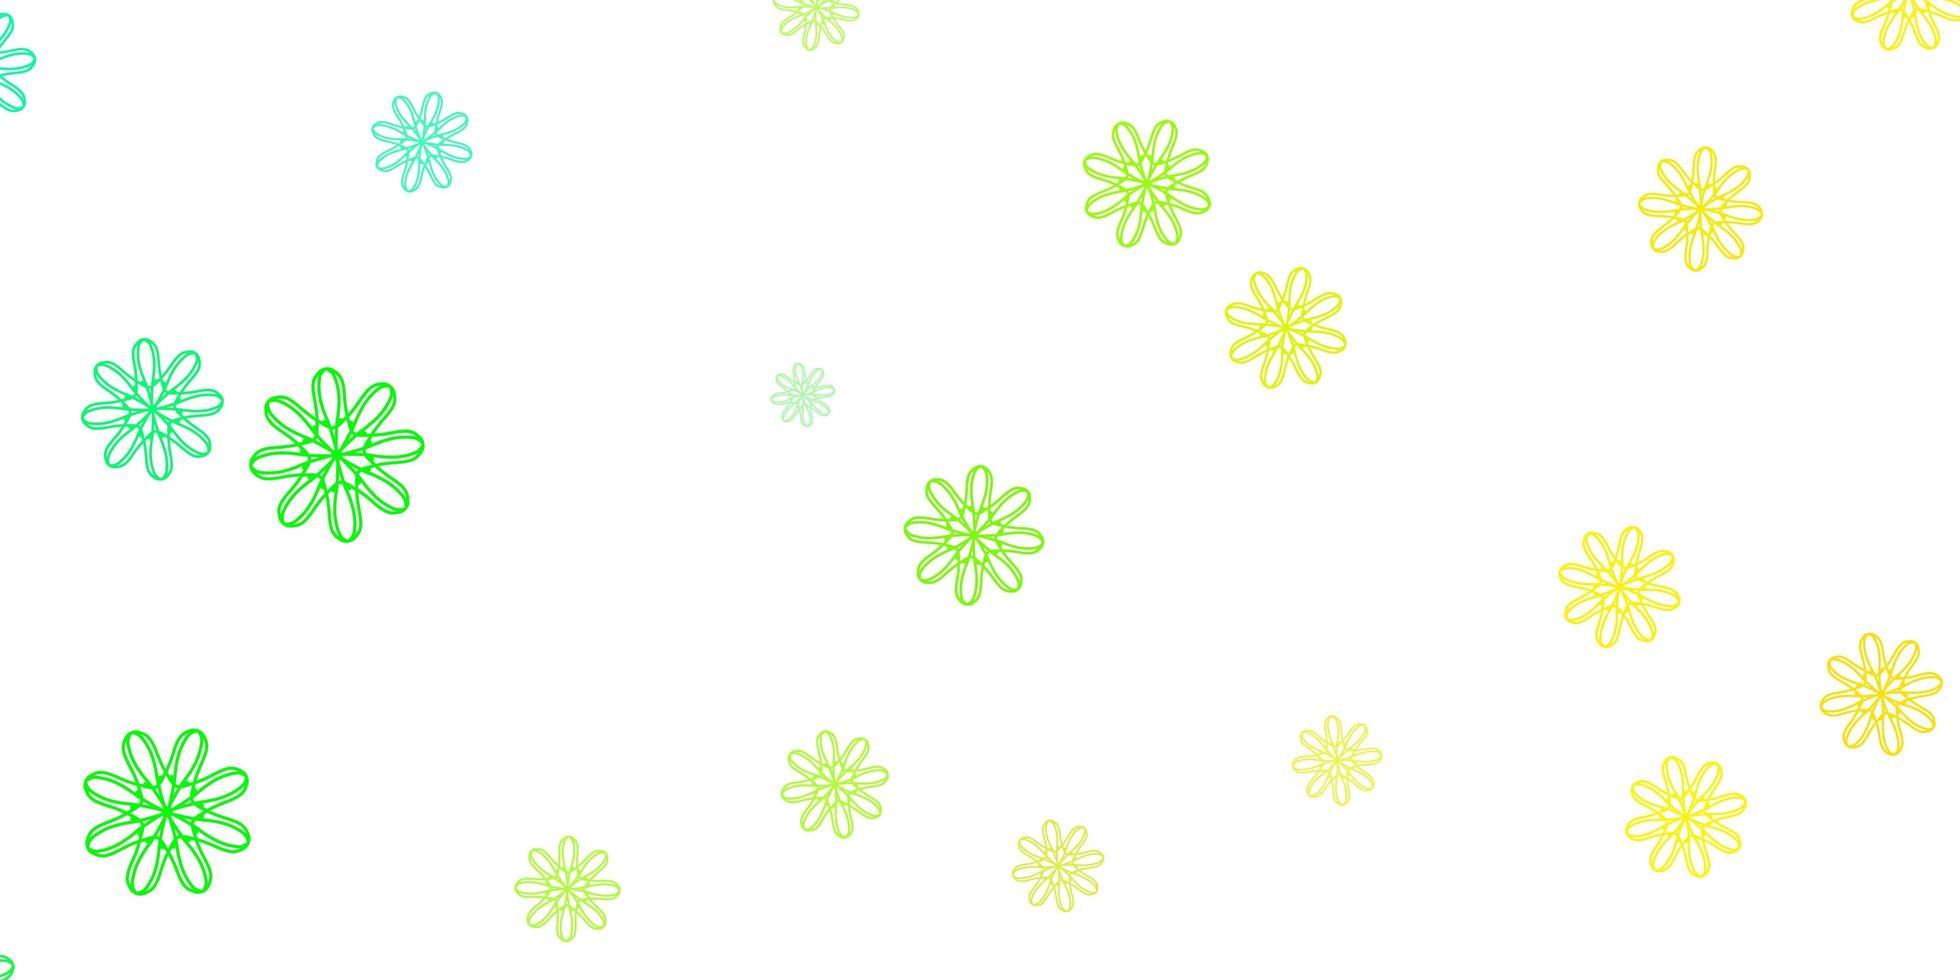 oeuvre naturelle de vecteur vert clair, jaune avec des fleurs.